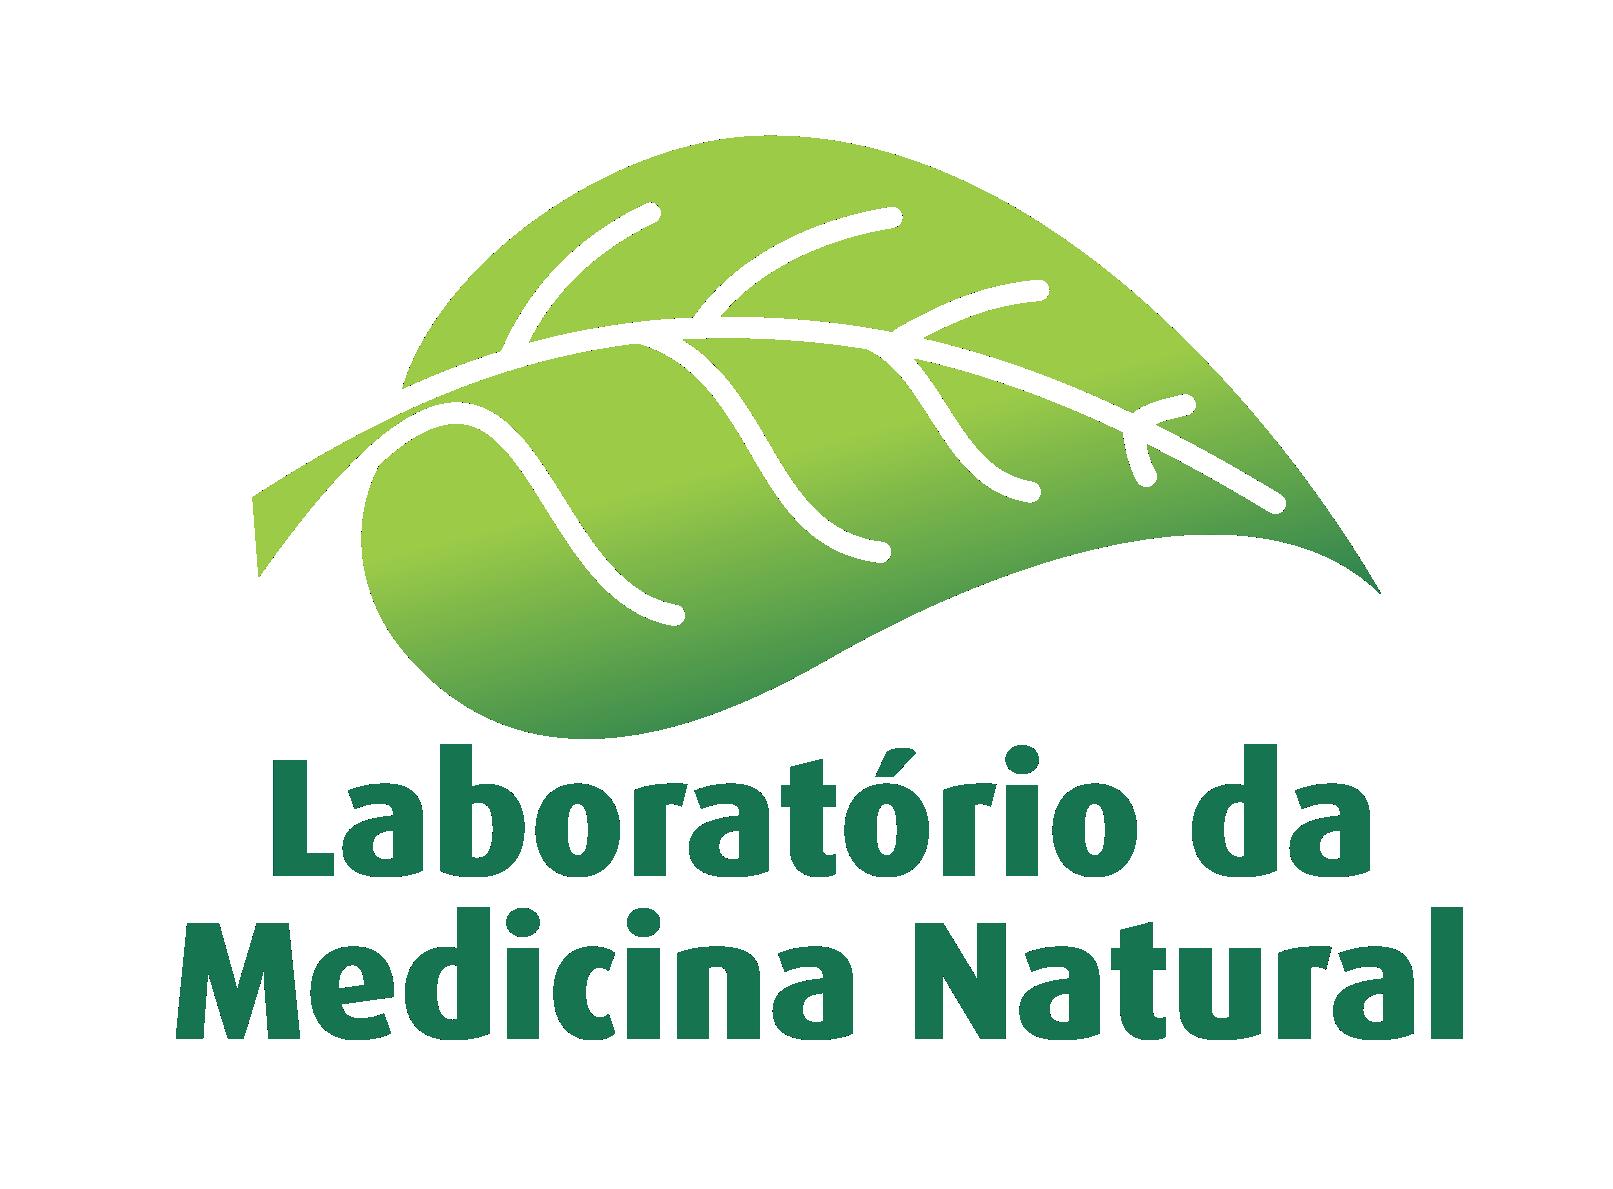 Laboratório da Medicina Natural